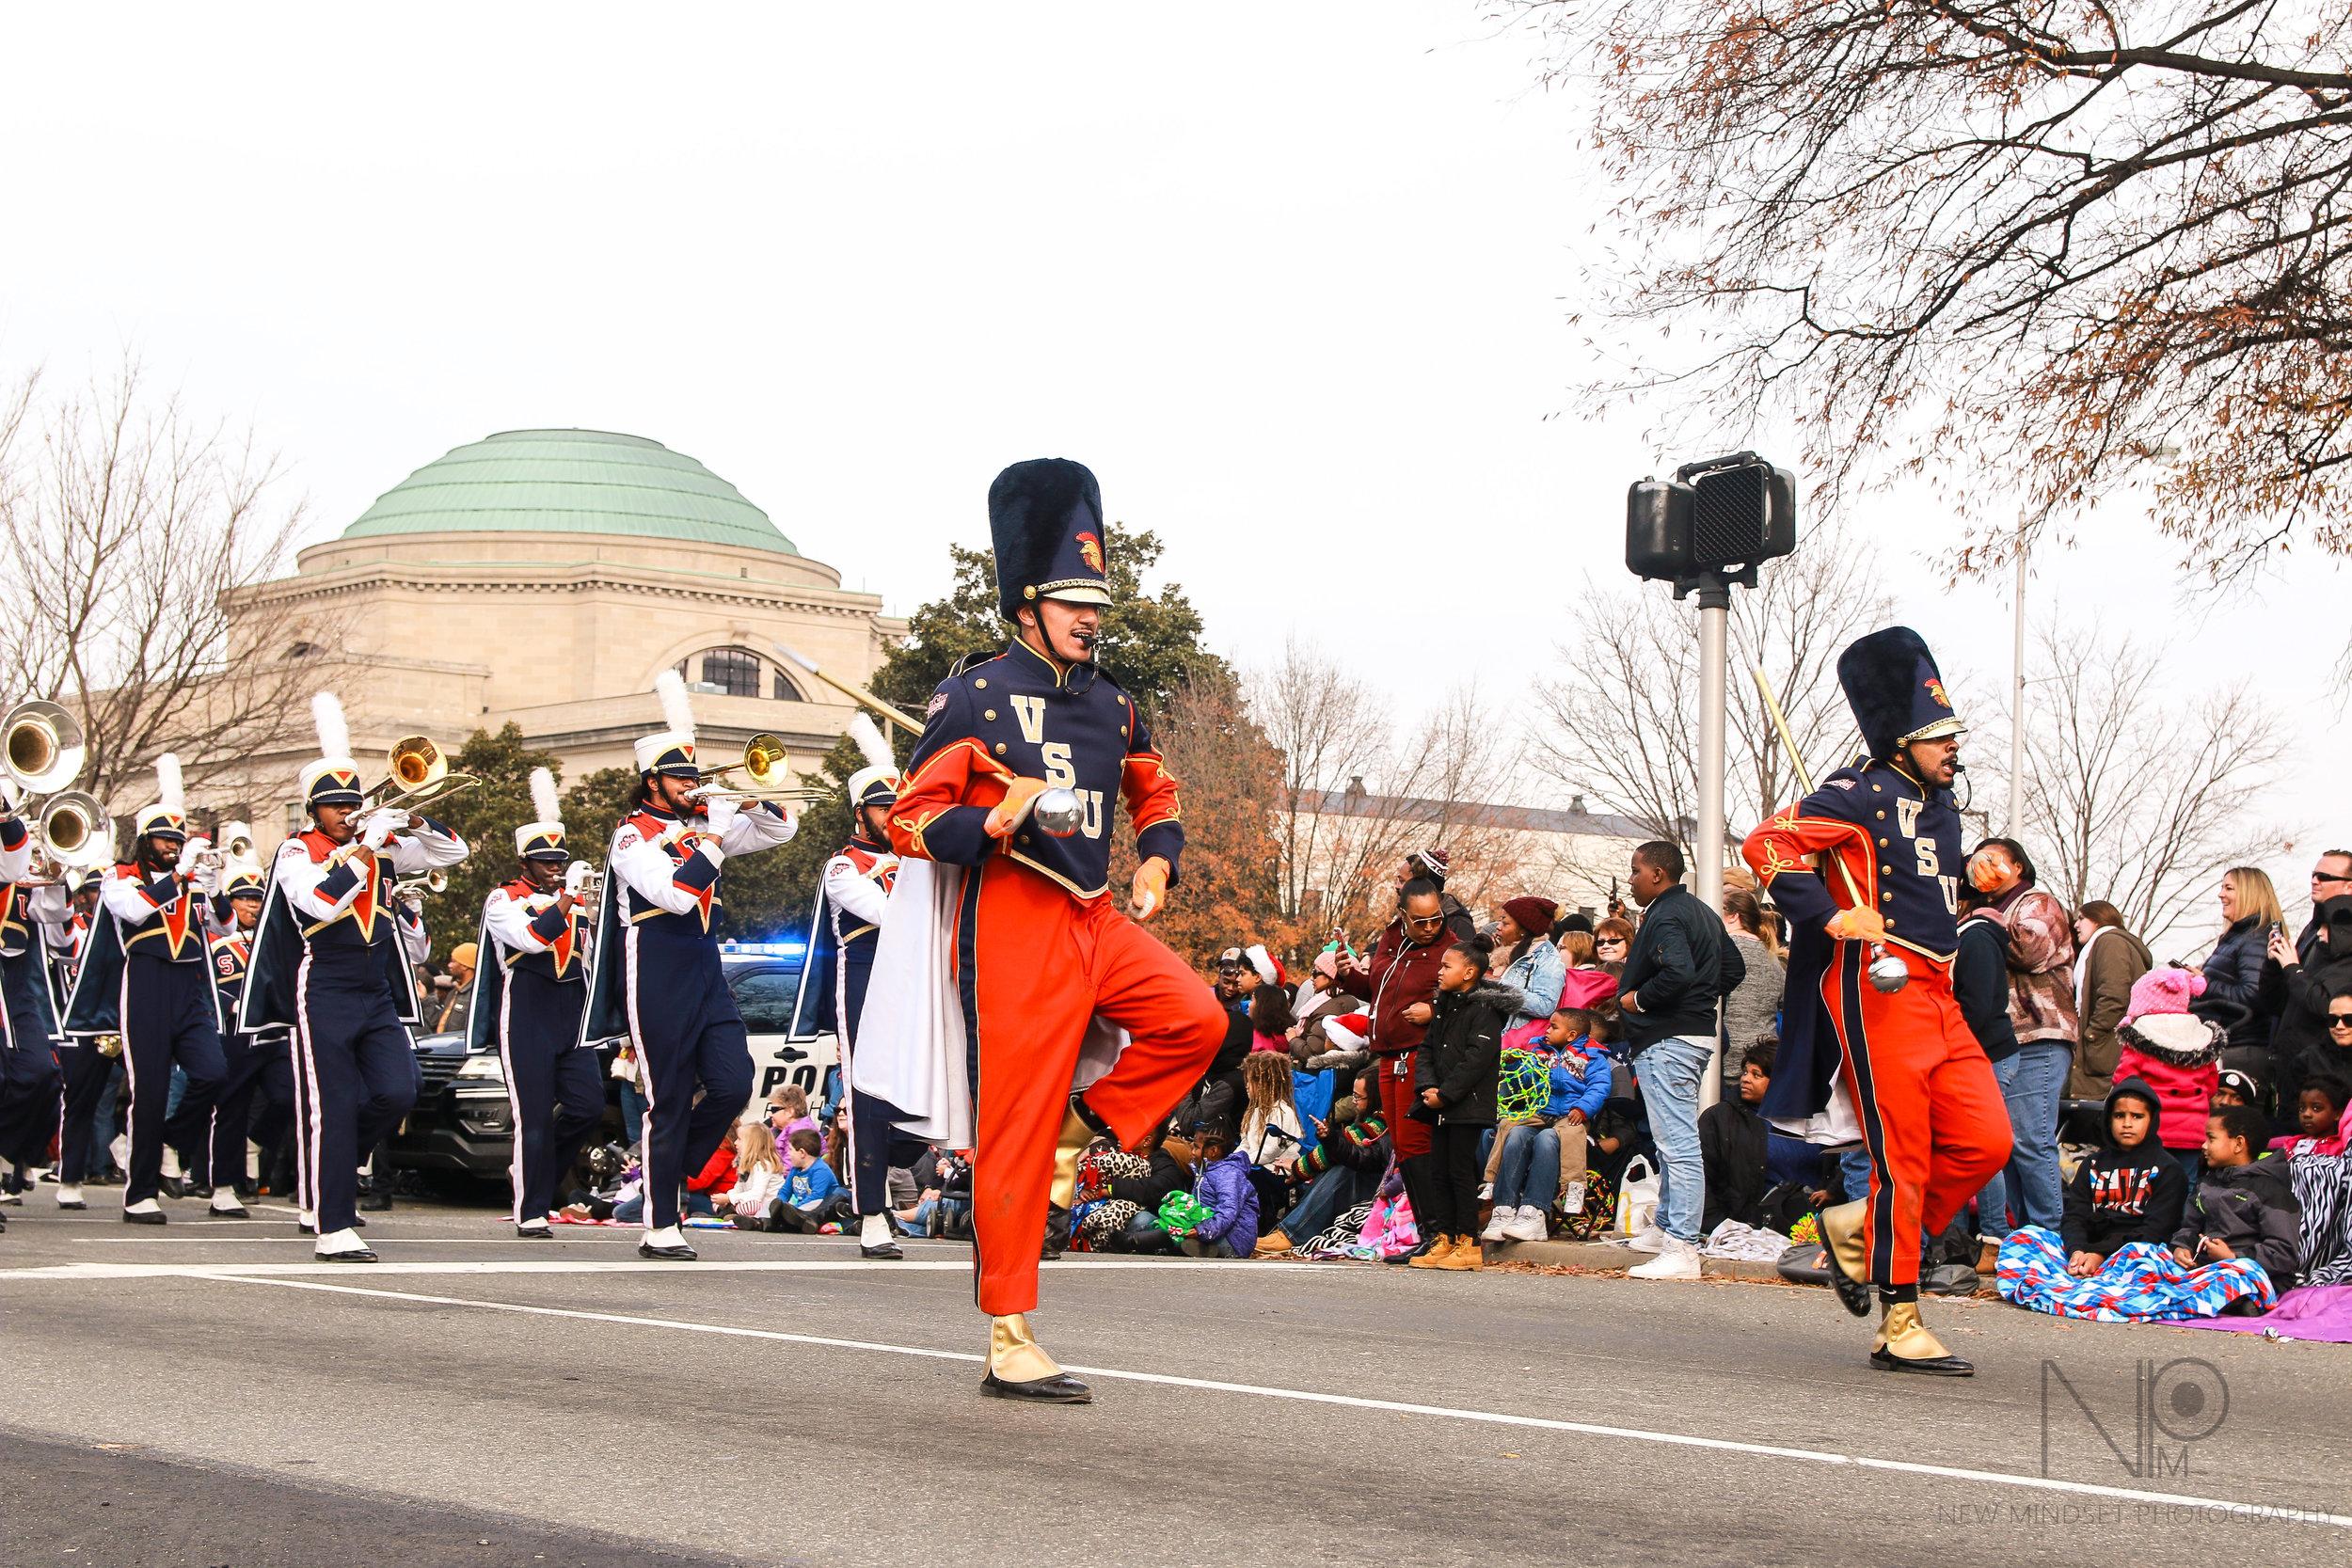 christparade17-13.jpg